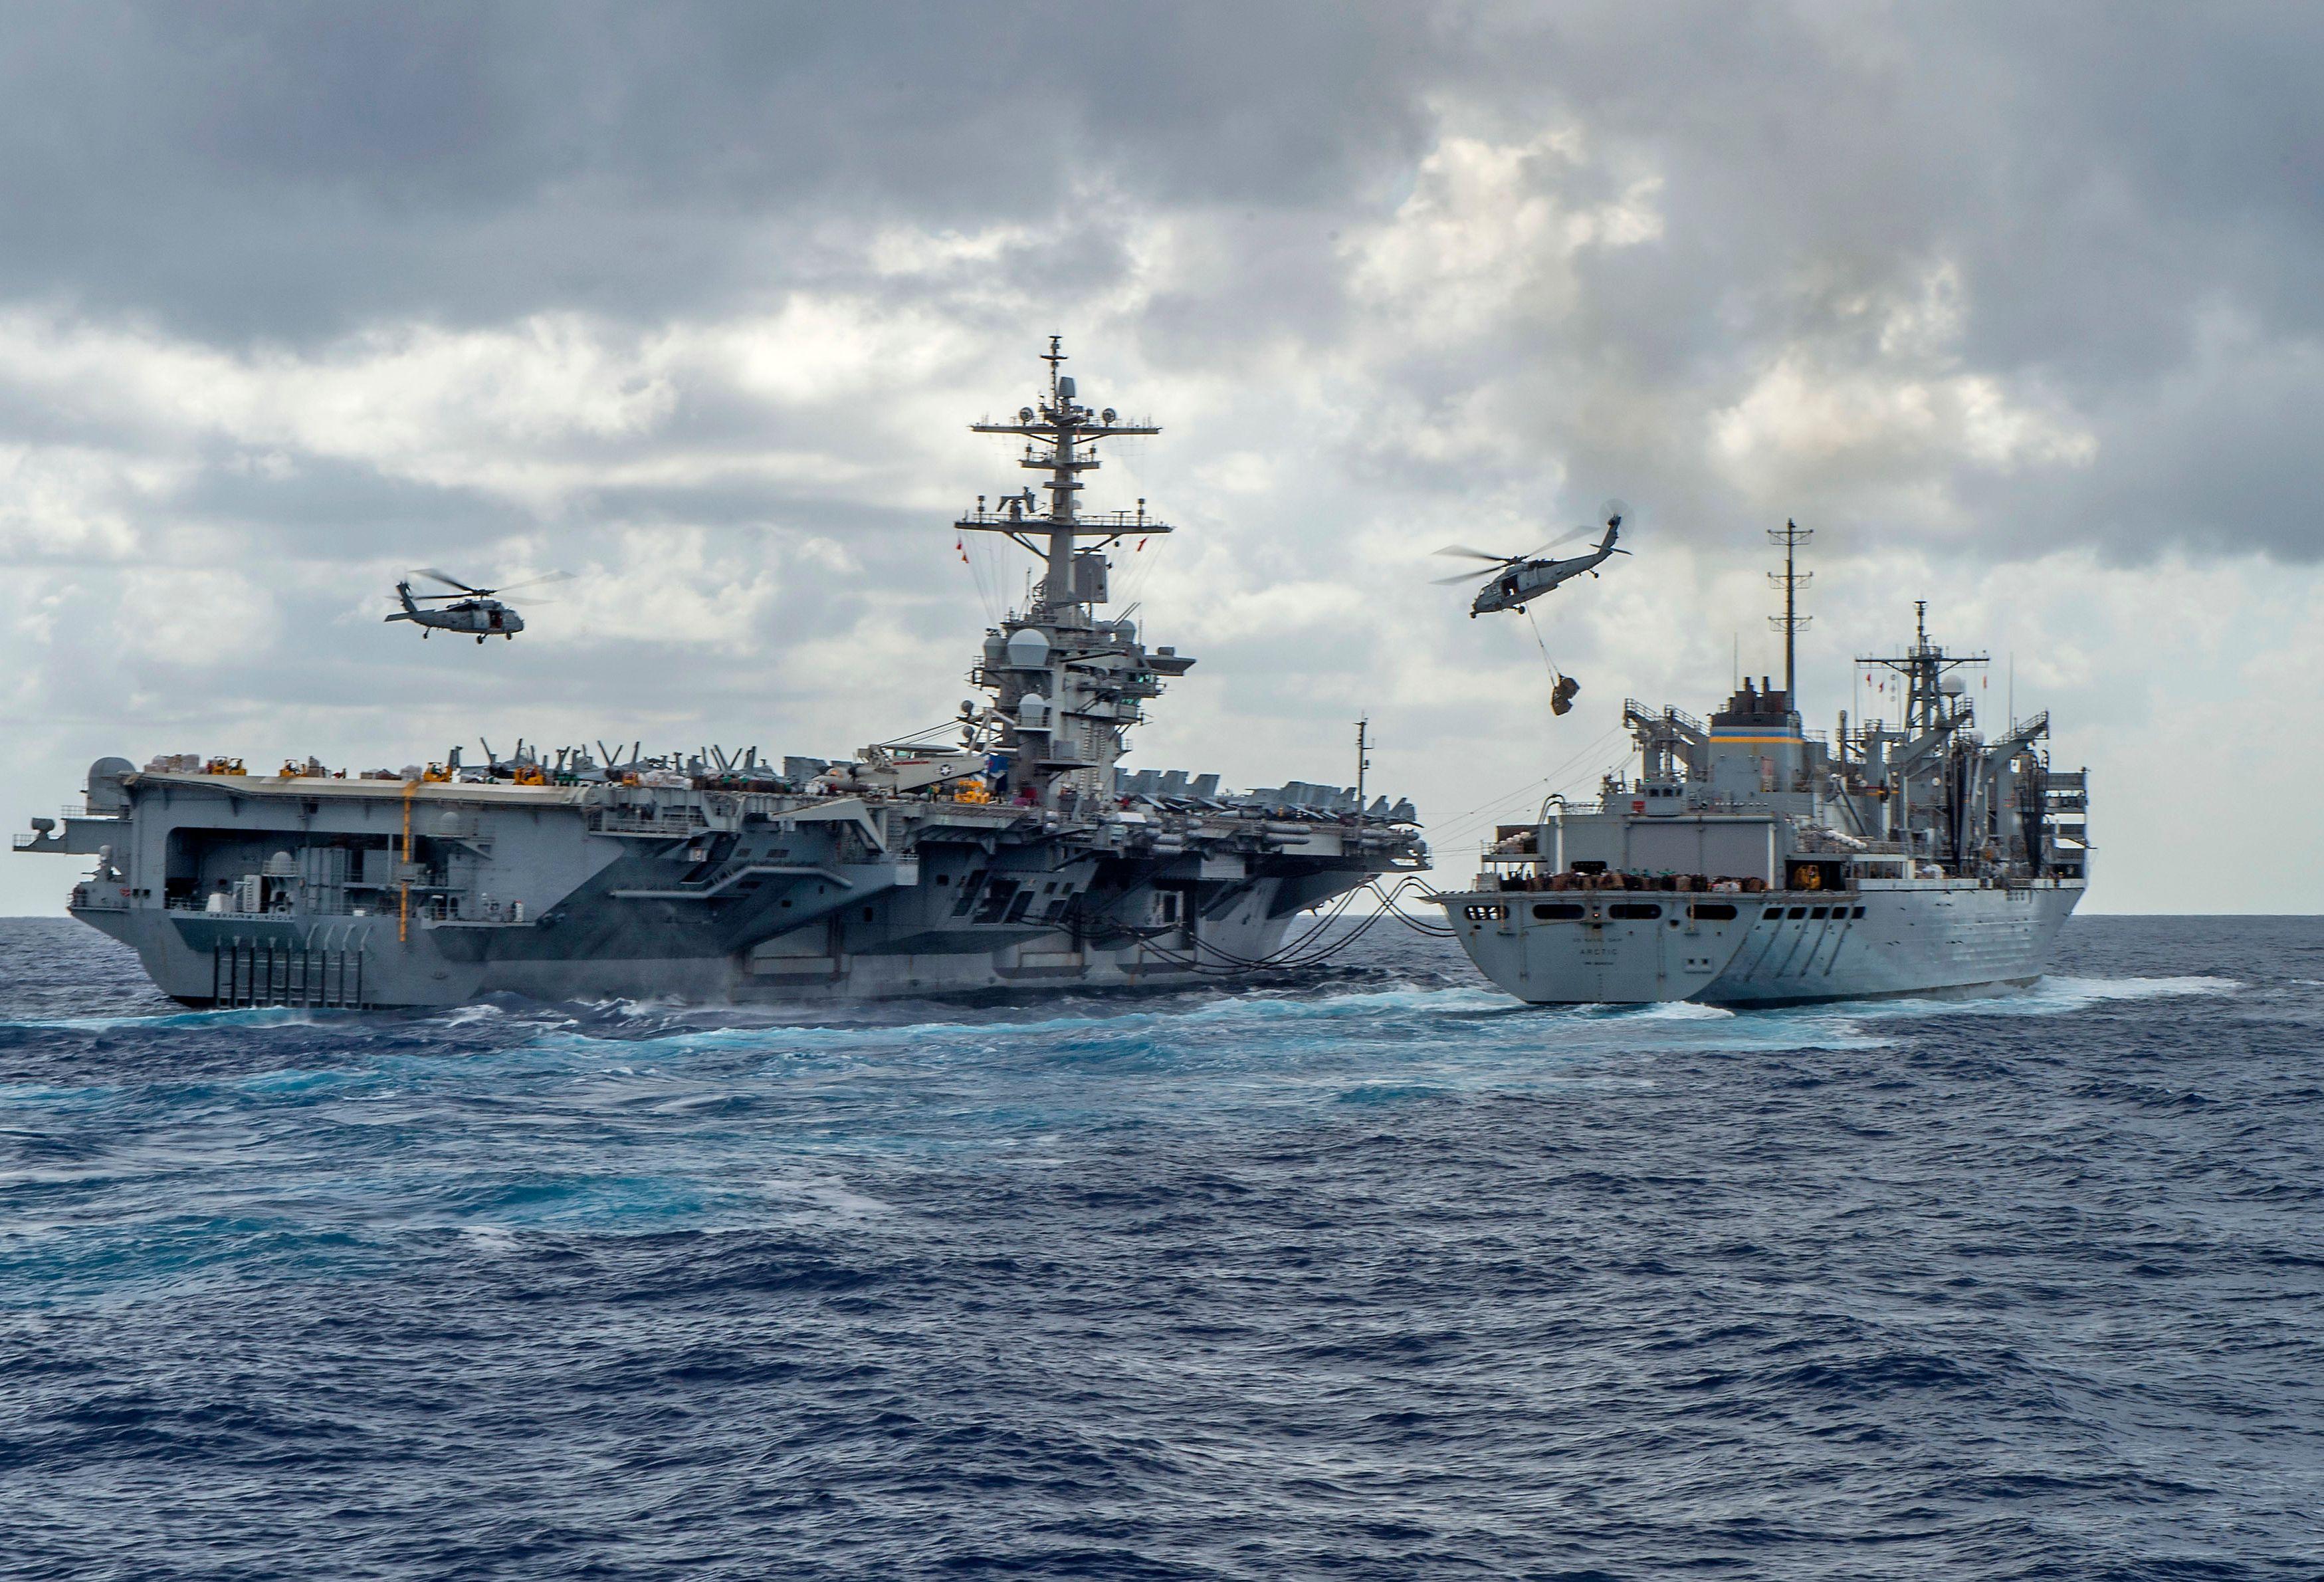 قطع بحرية أميركية فى طريقها إلى منطقة الخليج العربي (أ. ف. ب.)